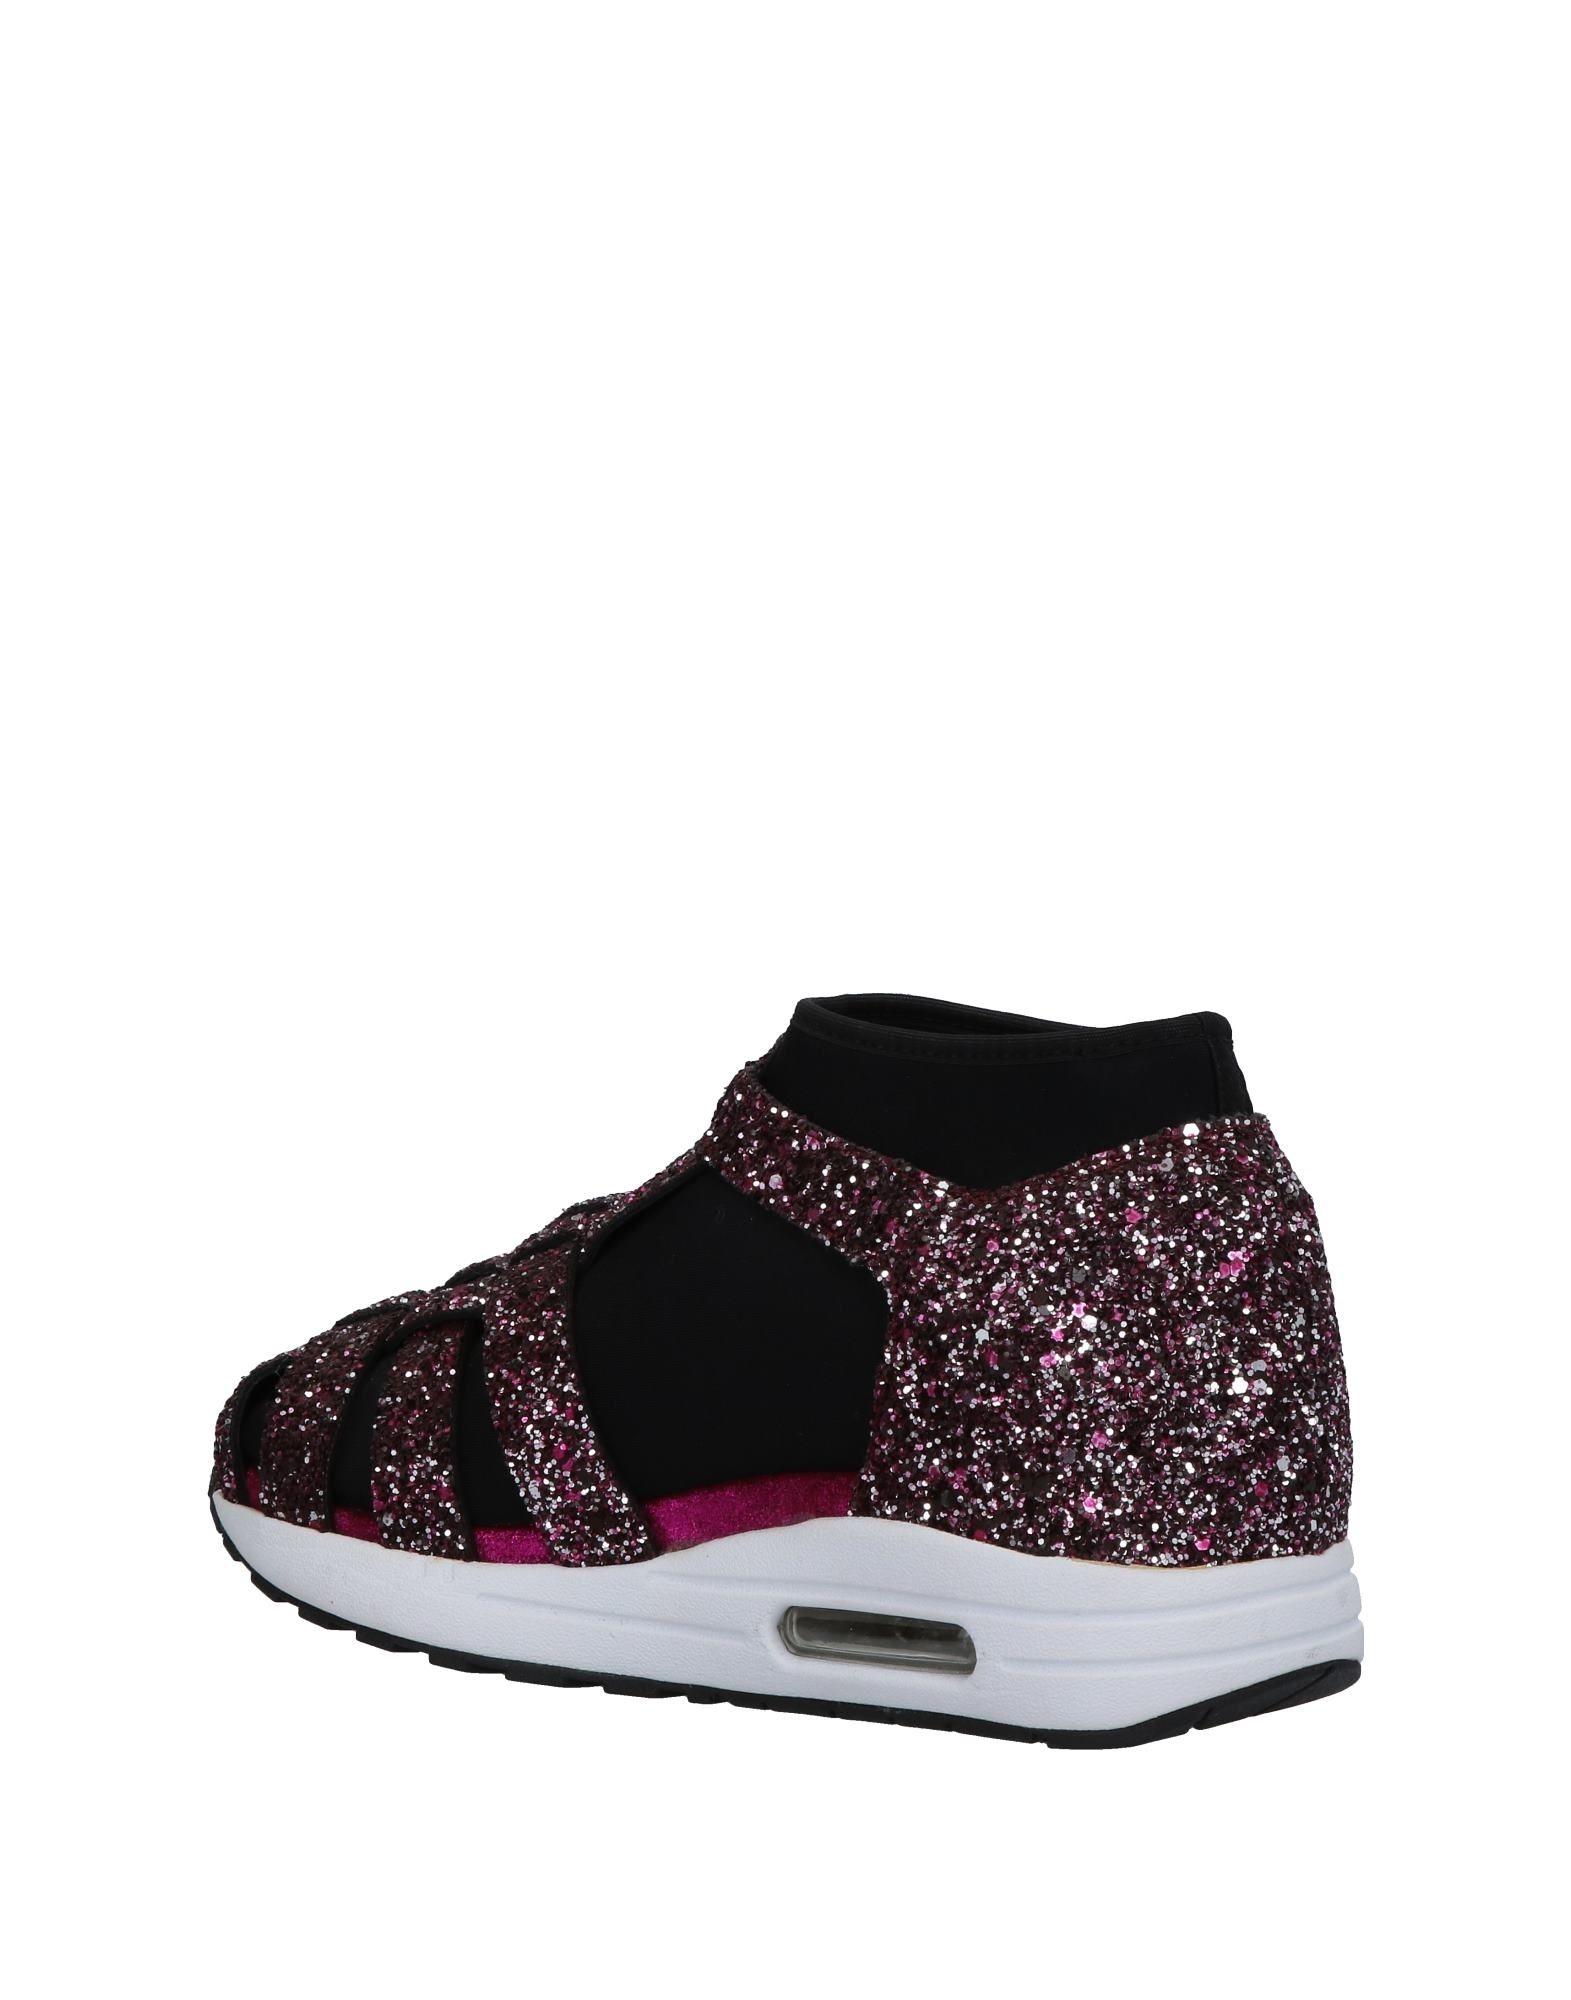 Gut um Sneakers billige Schuhe zu tragenSusana Traca Sneakers um Damen  11050865OI b4b9c6